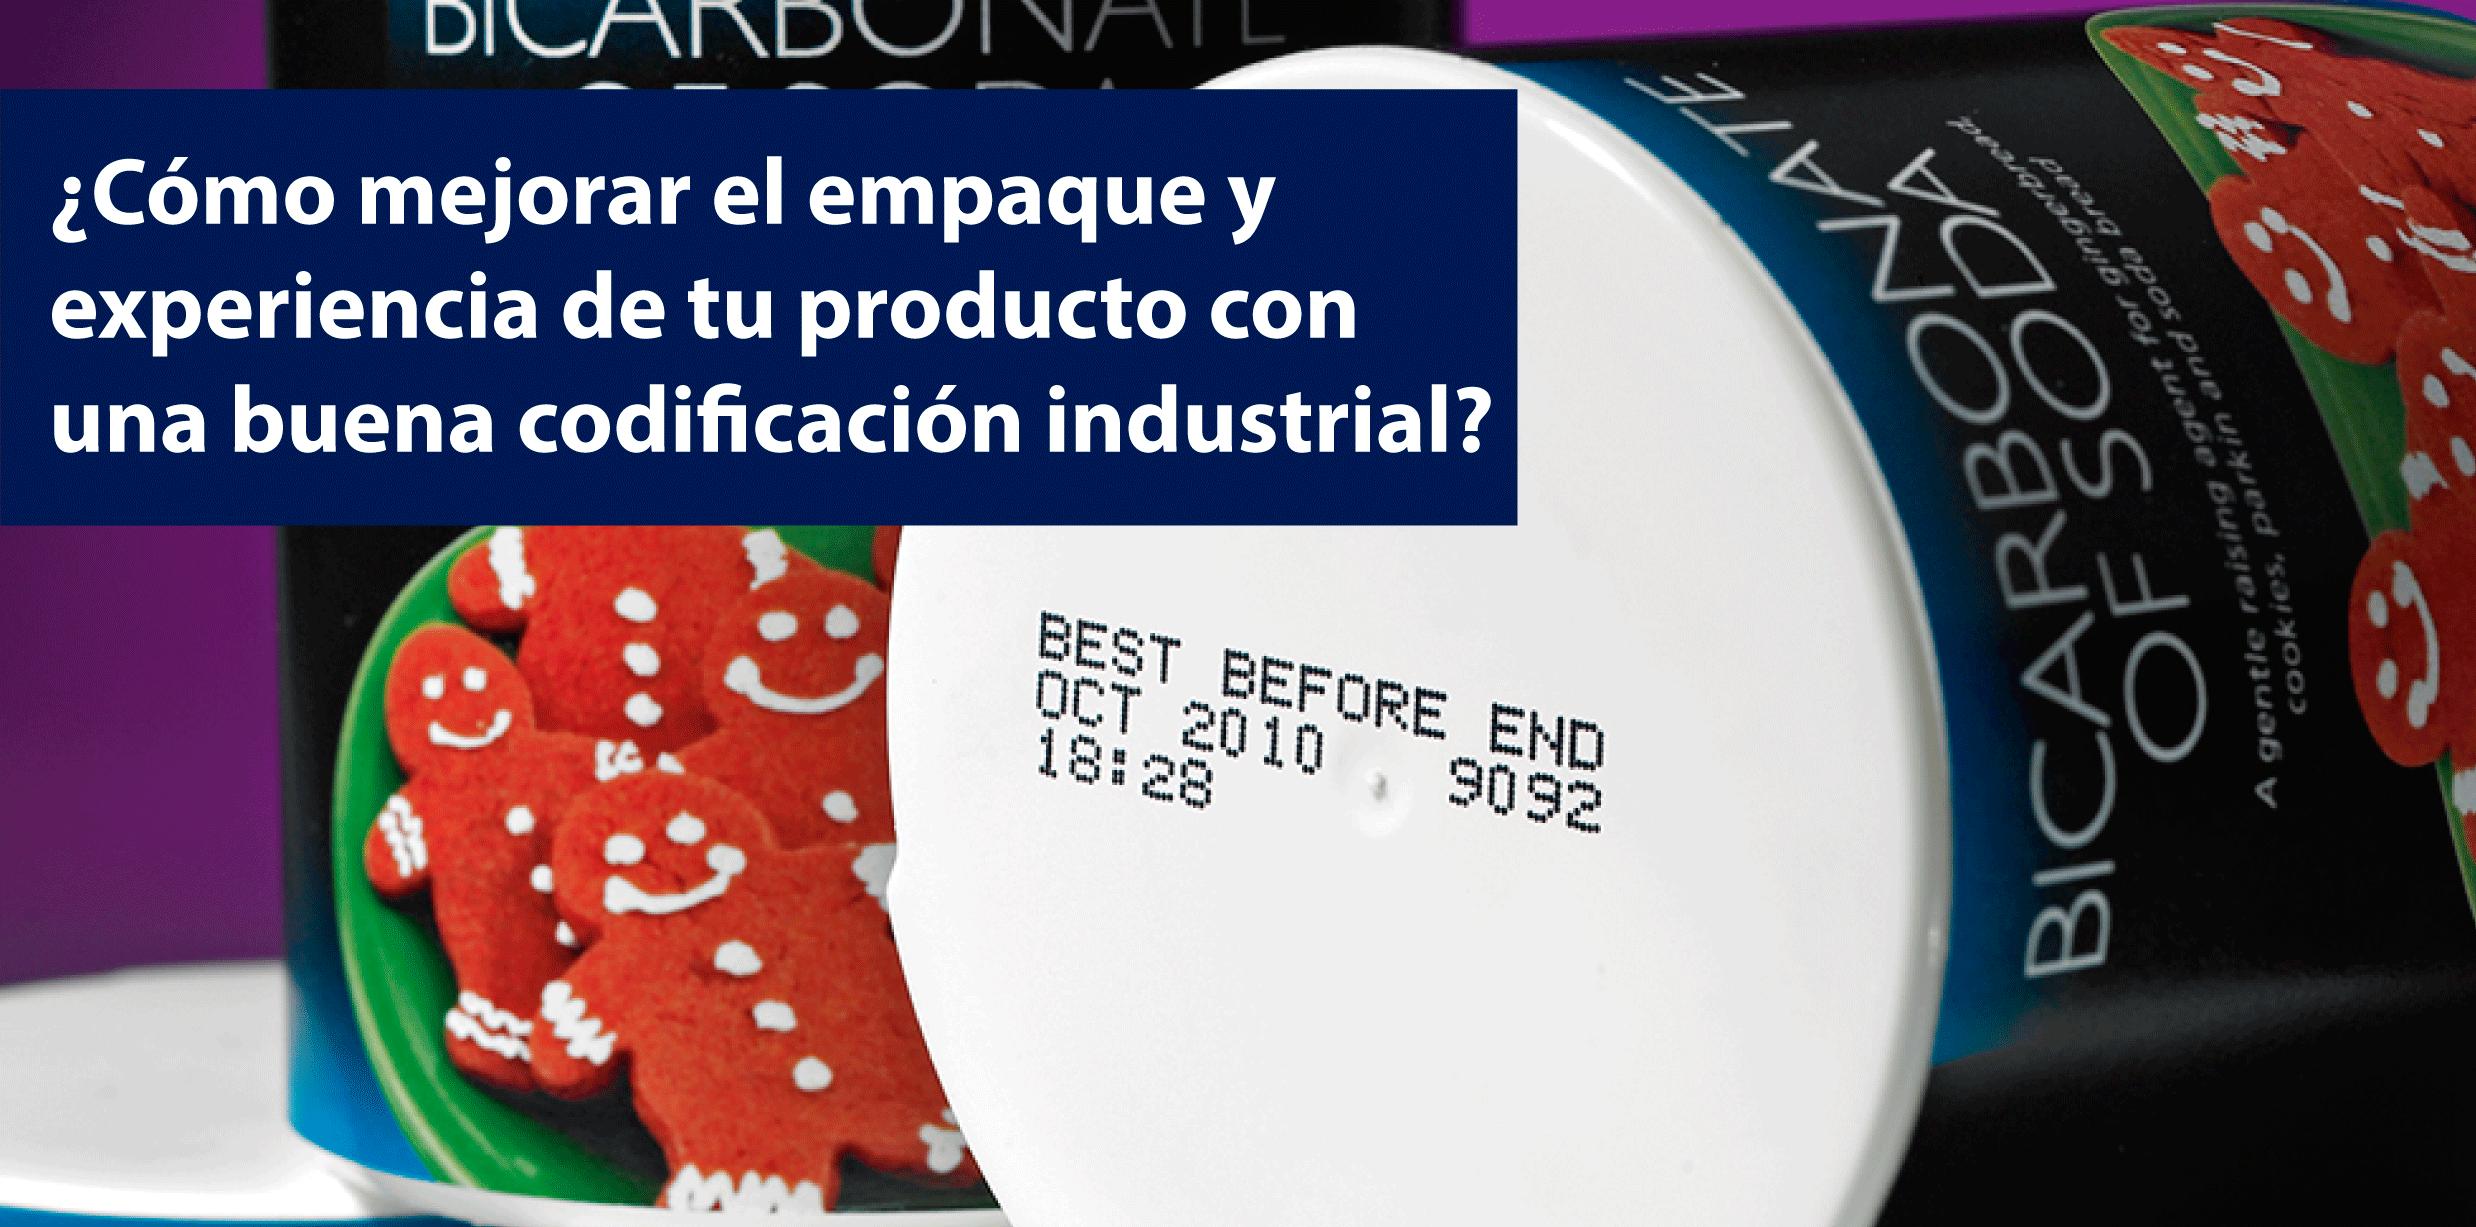 buena codificación industrial